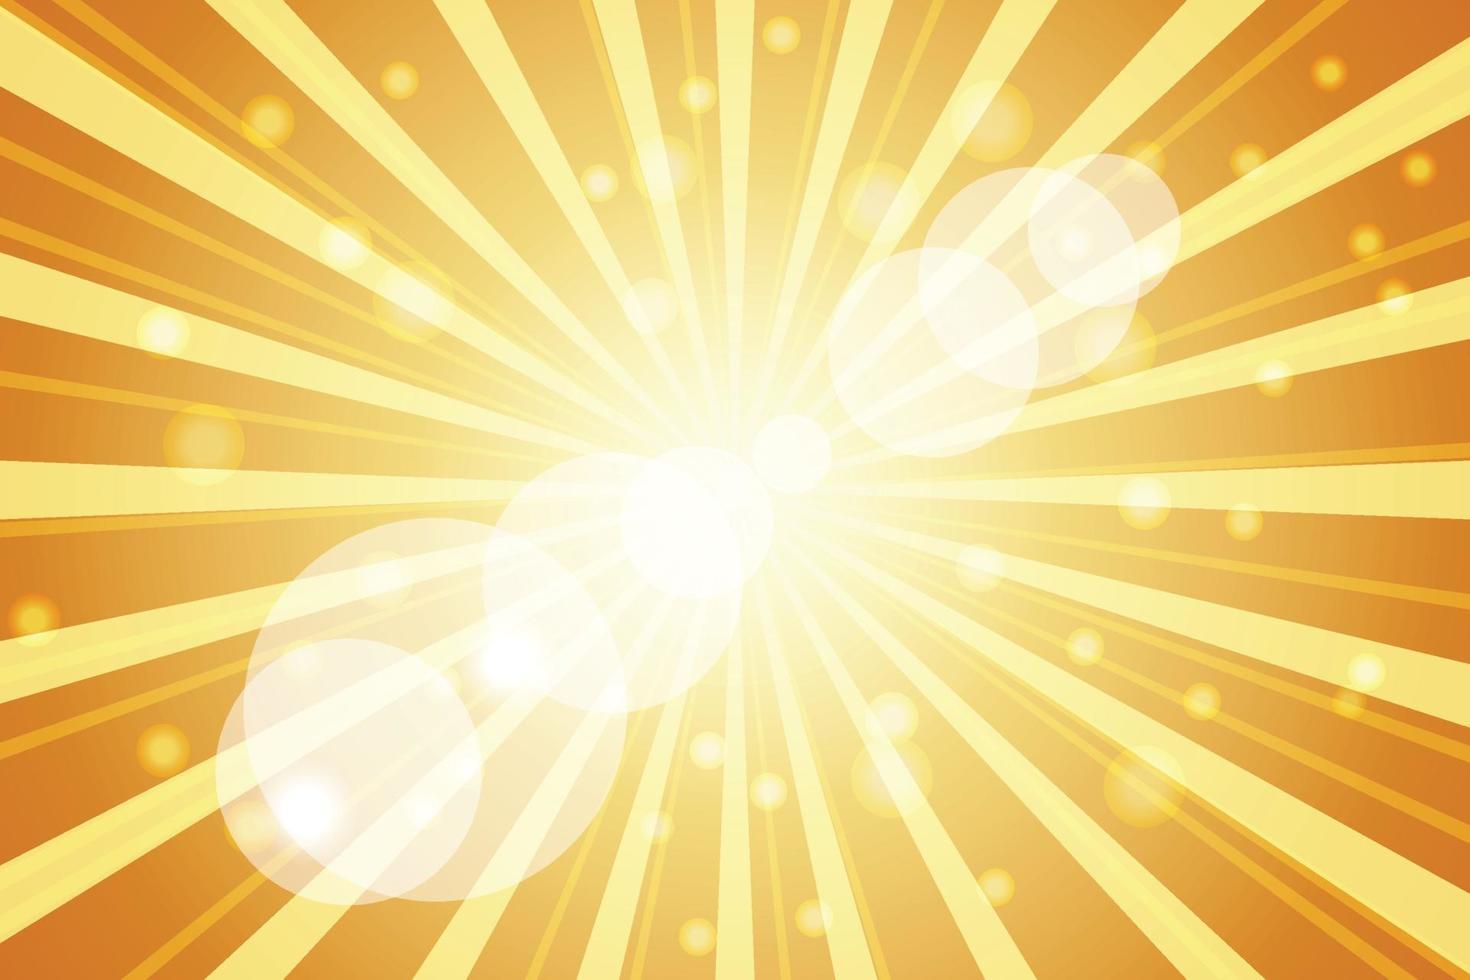 ilustração de raio solar em fundo laranja vetor